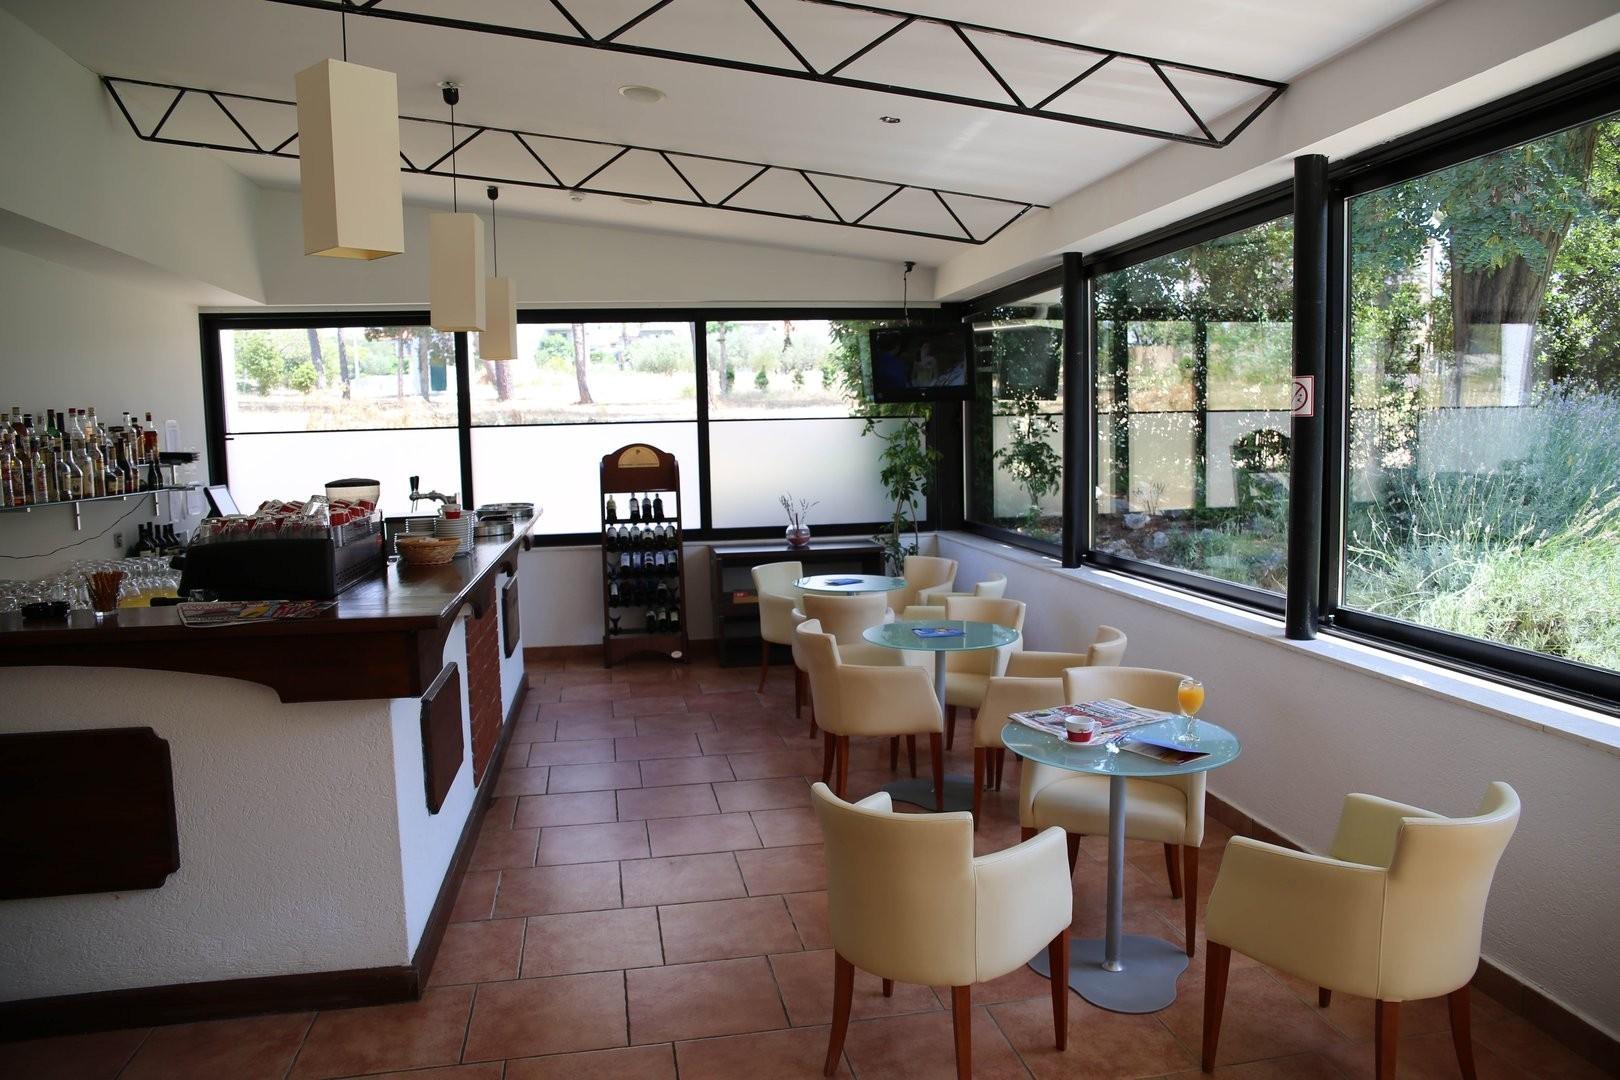 Hotel-Villa-Donat-Ljetovanje-u-Sv.-Filipu-i-Jakovu-bar-u-sklopu-hotela